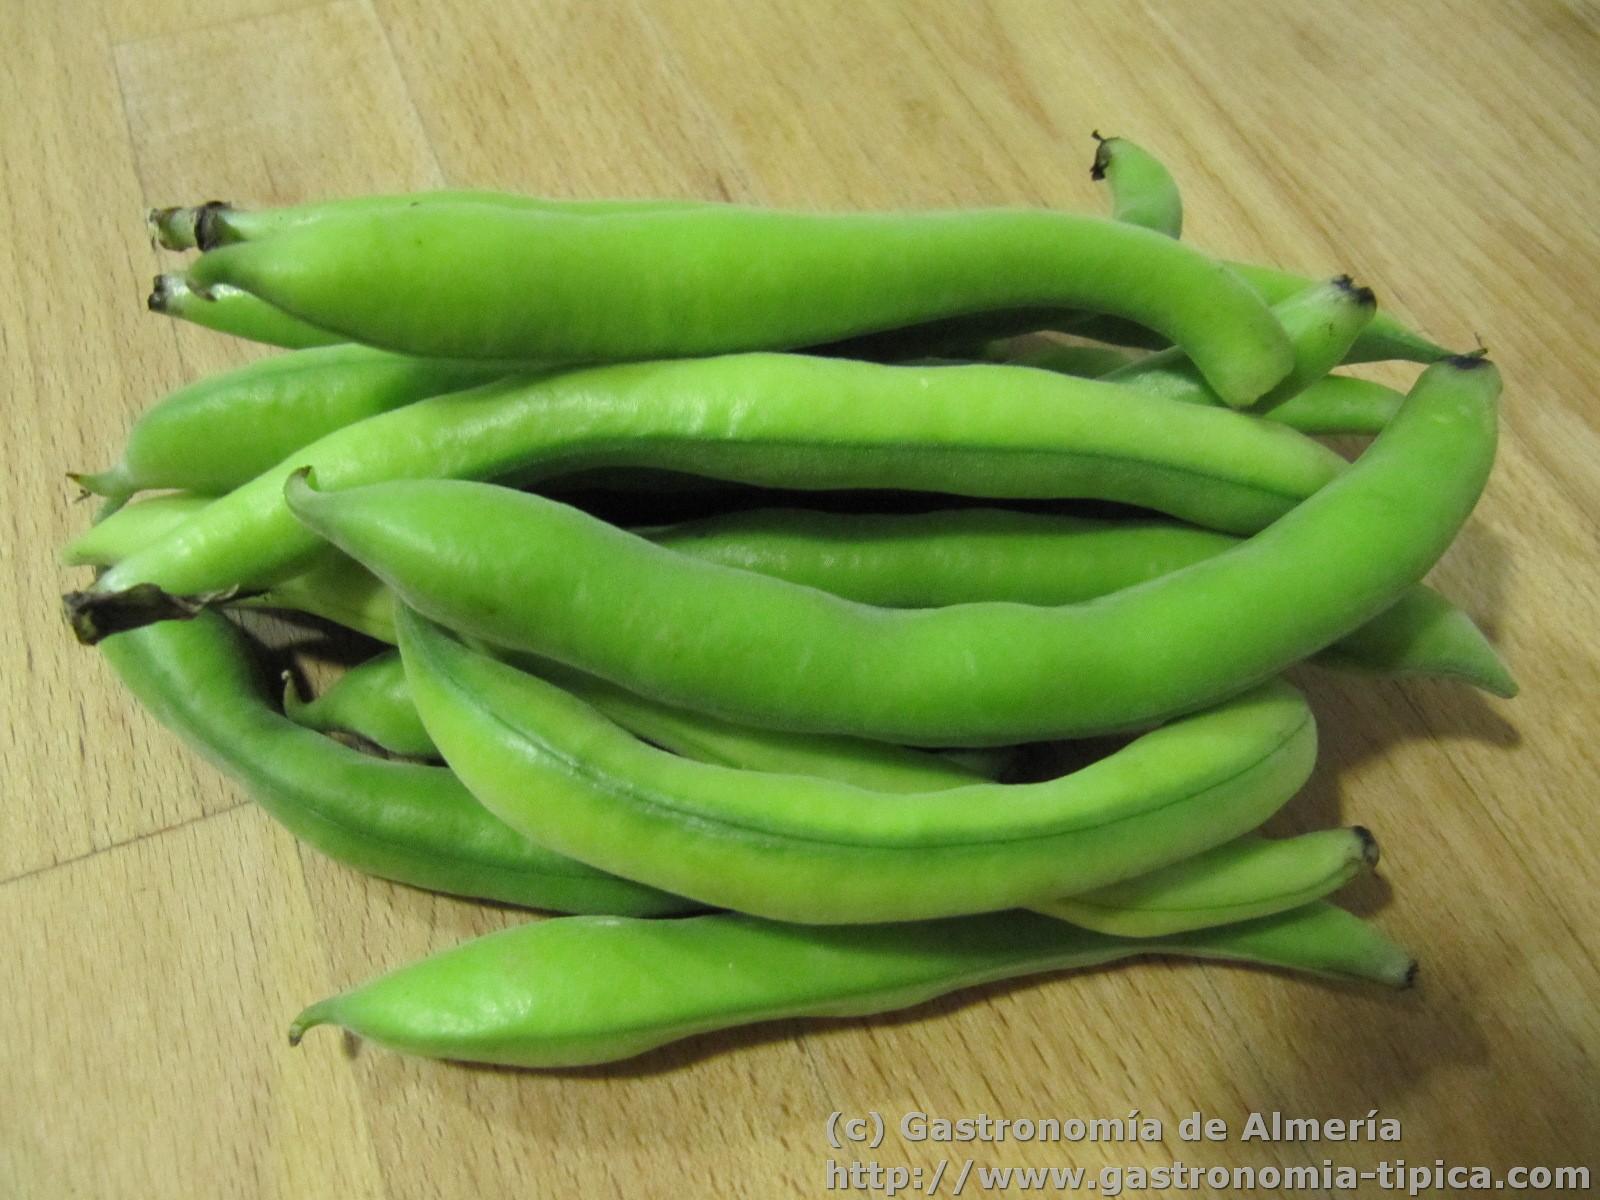 Gastronom a de almer a receta de verduras habas tiernas - Habas tiernas con jamon ...